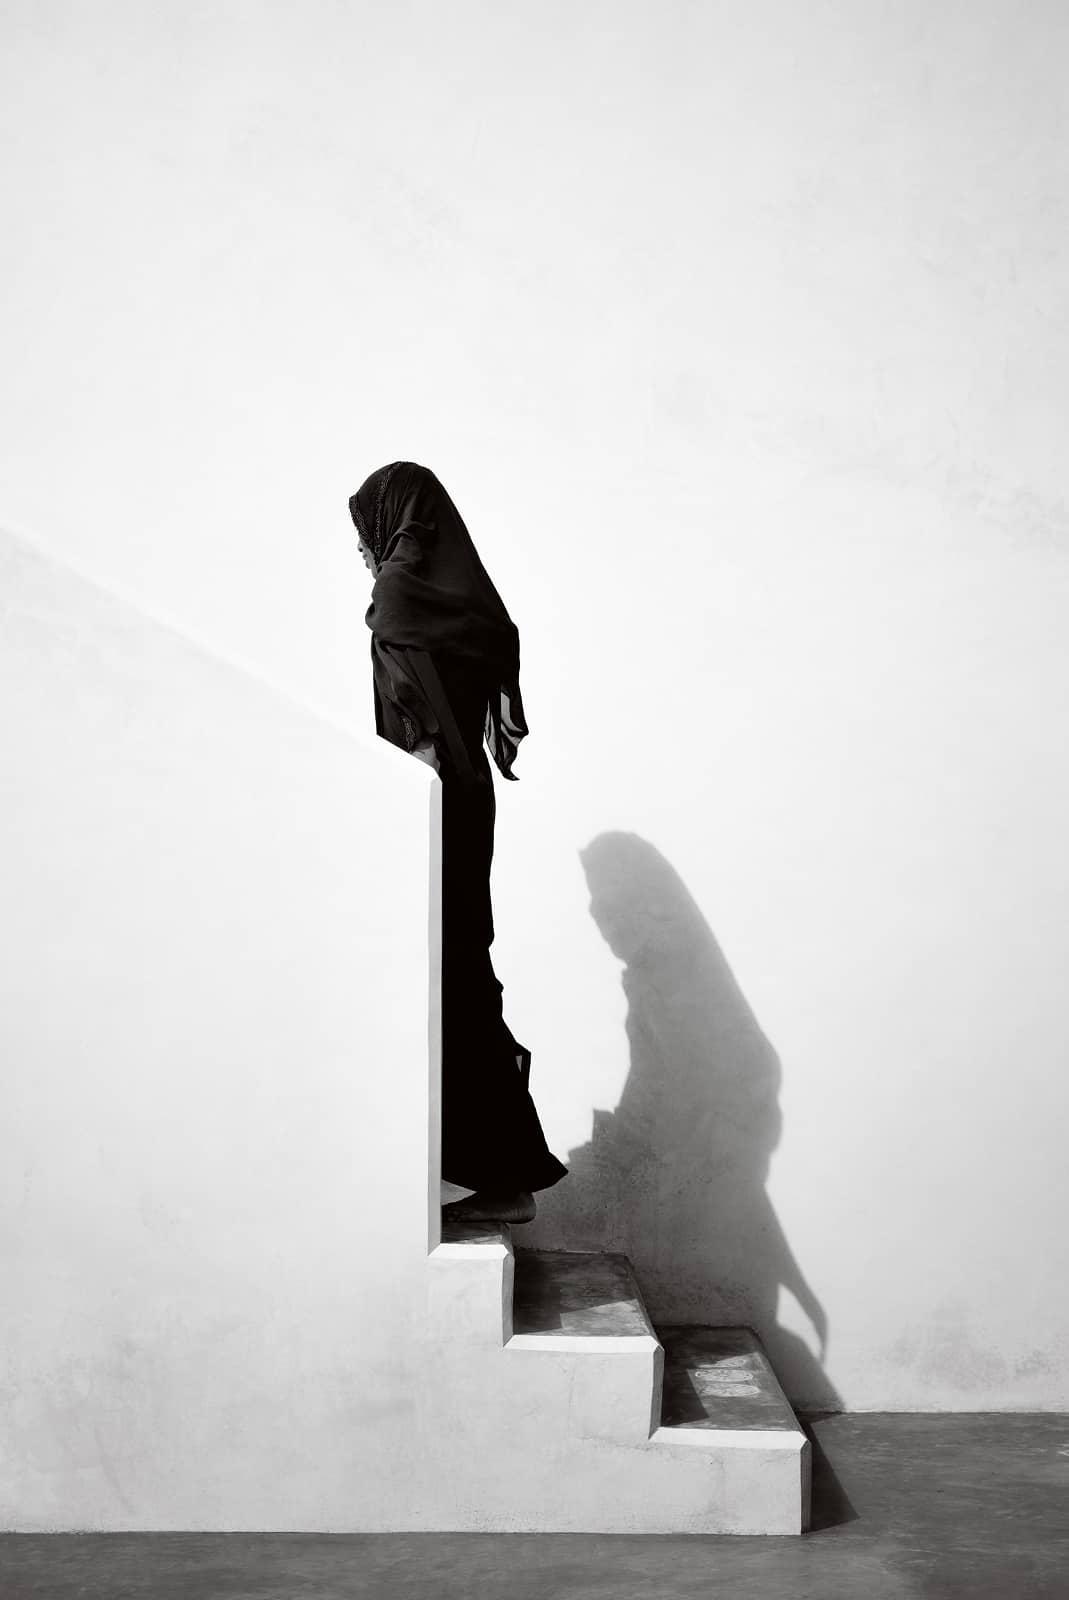 © Annelies Damen - Adabu, vrouw in zwart gekleed met hoofddoek loopt trap op